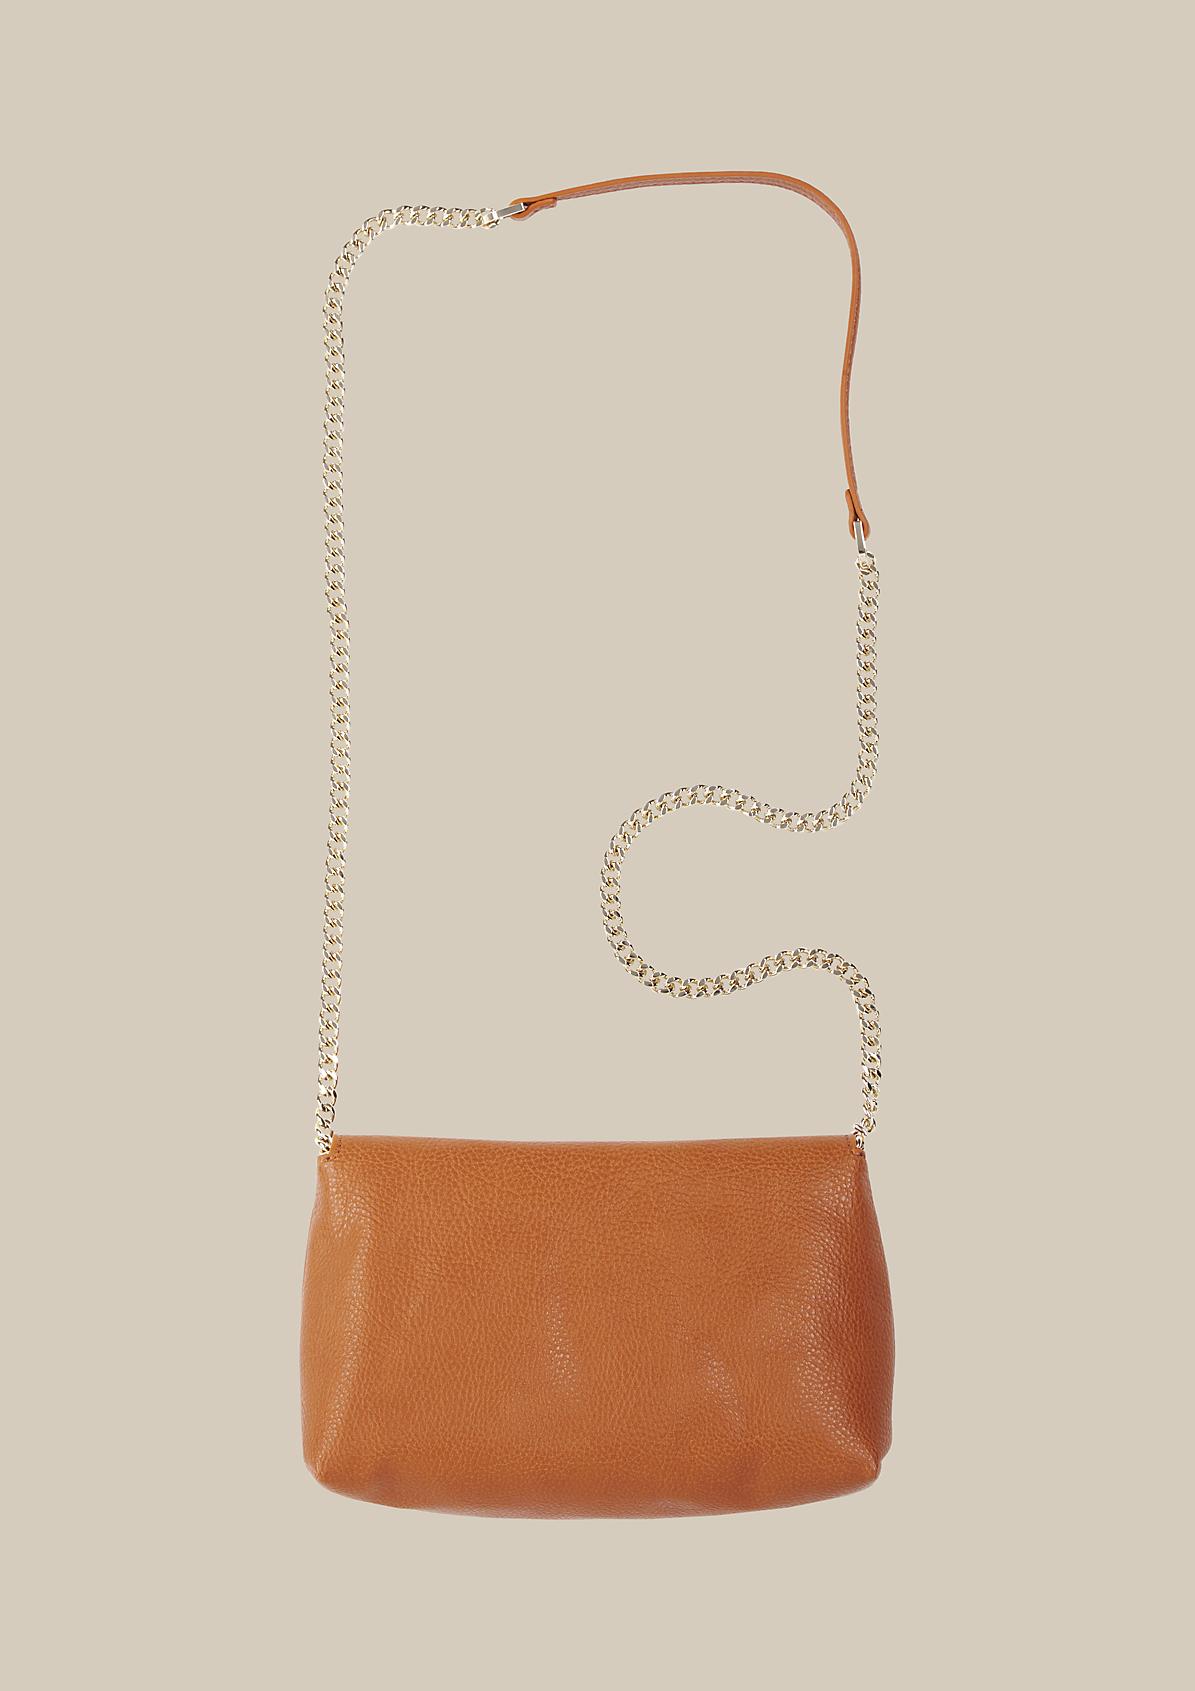 Klassische Abendtasche in edler Lederoptik